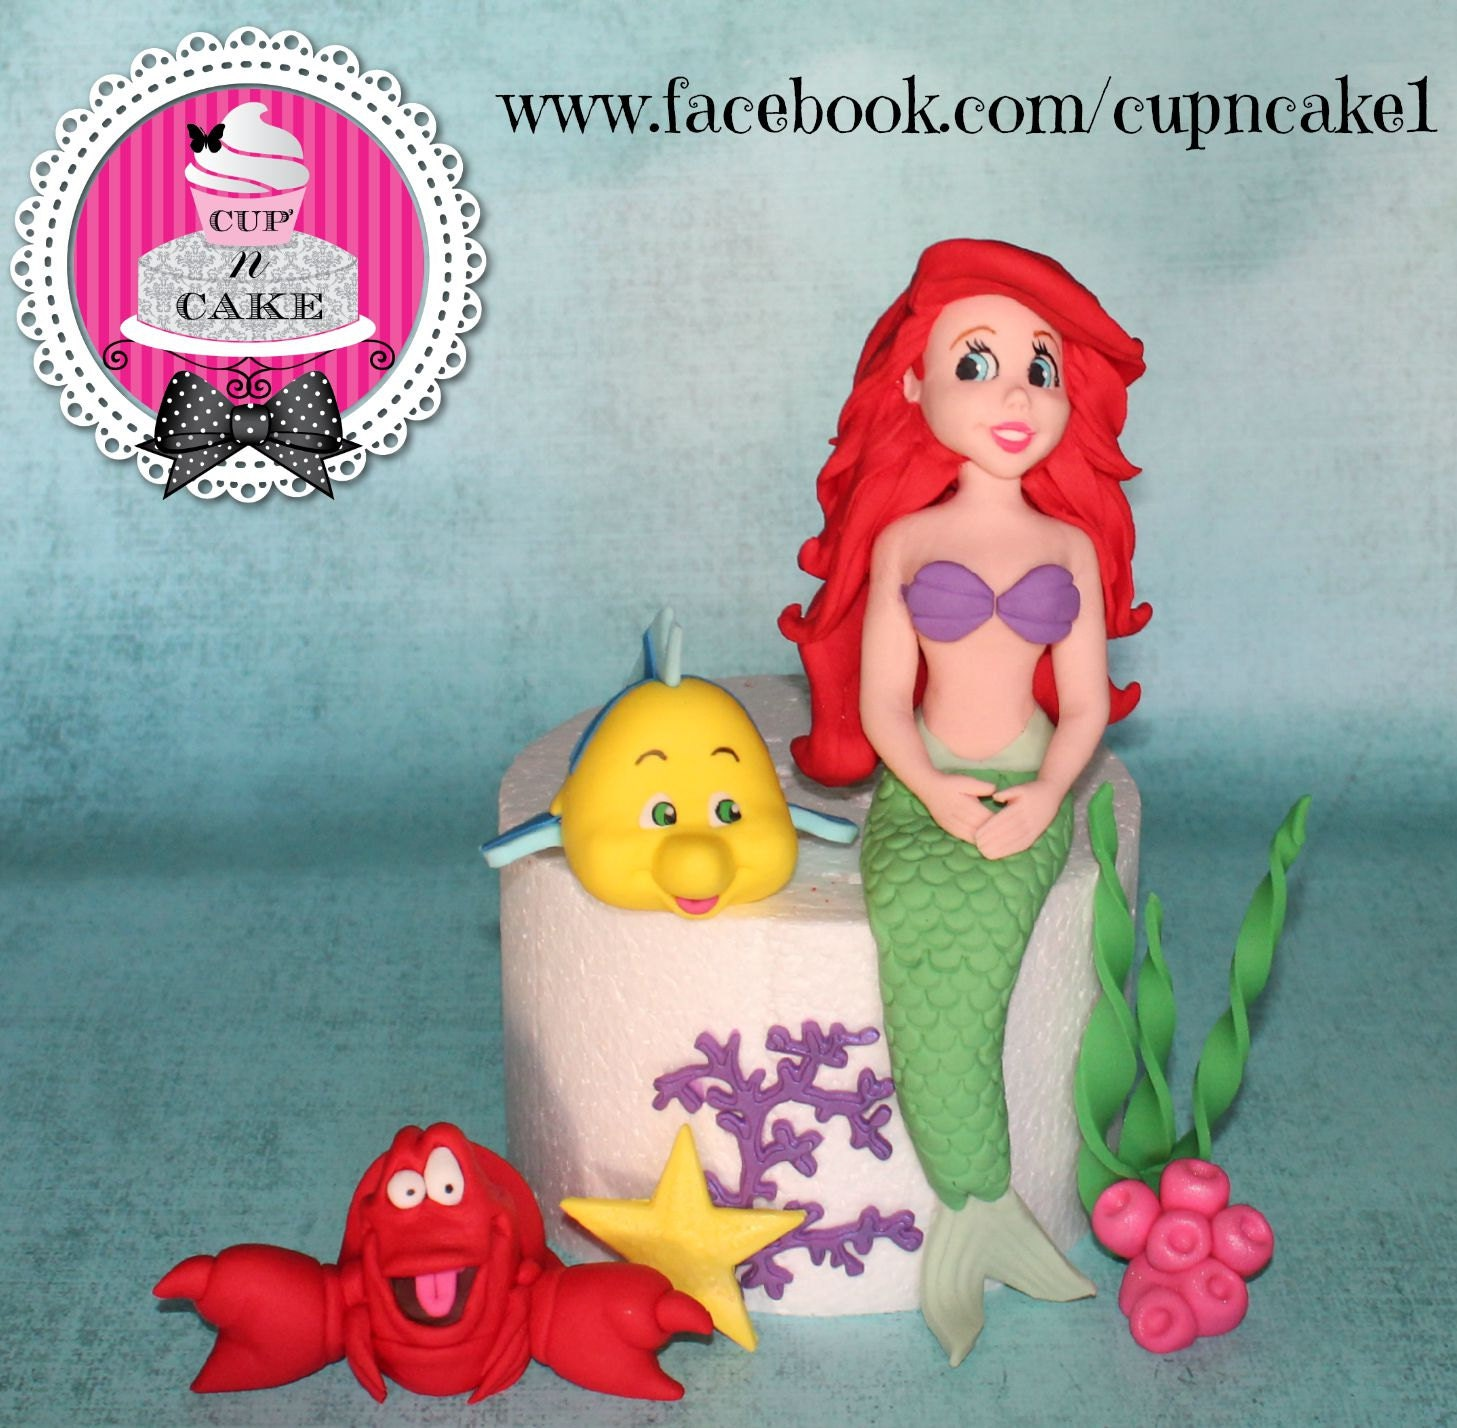 Little Mermaid Cake Decorating Kit Topper : Ariel Little Mermaid fondant cake topper by Cupncake1 on Etsy